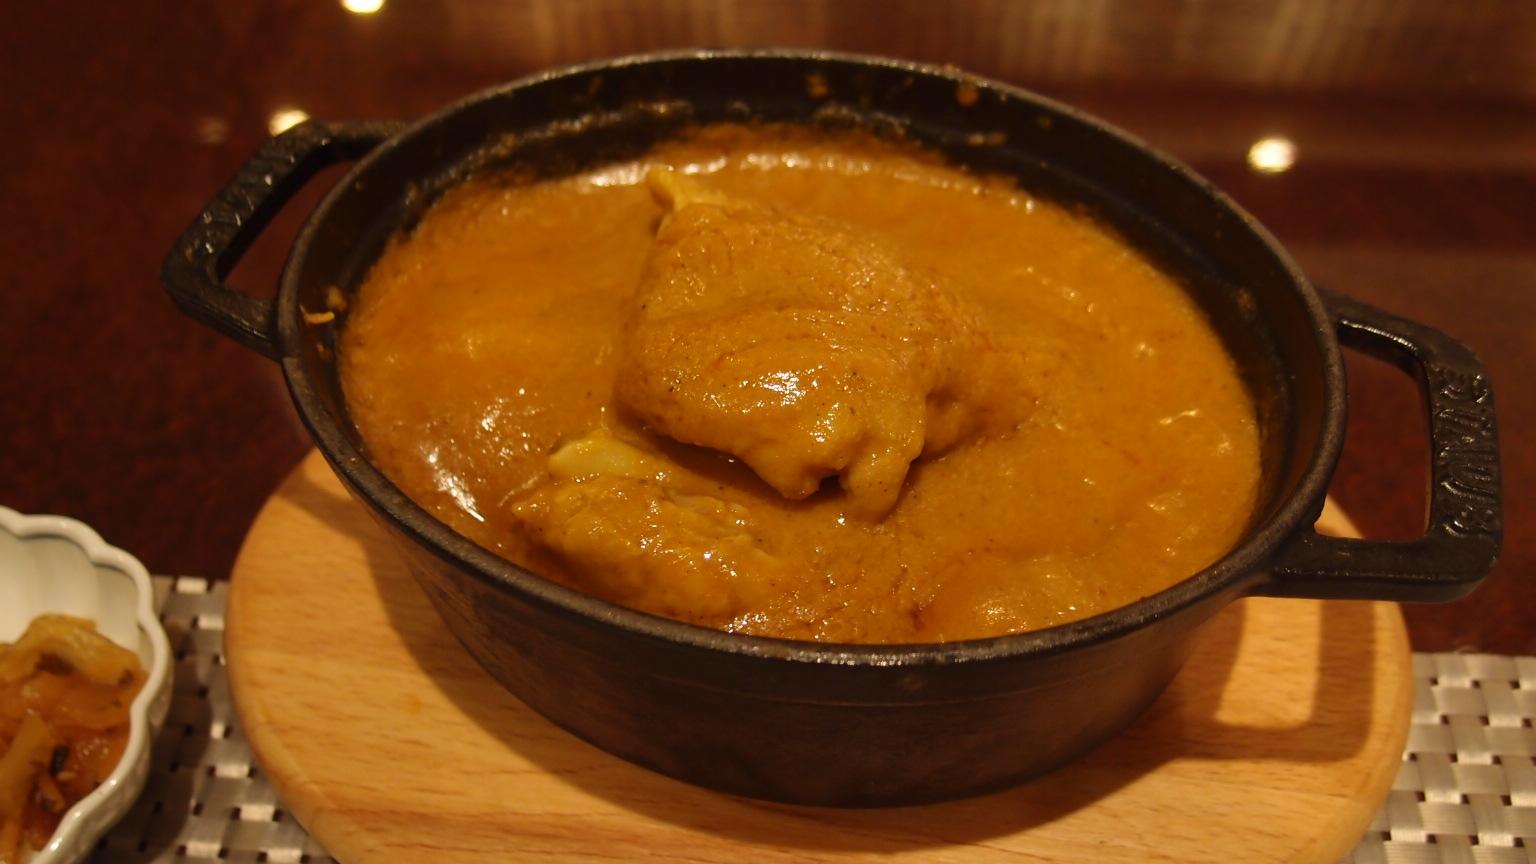 銀座 銀座咖喱堂 宮崎日南鶏のバターチキンカレー